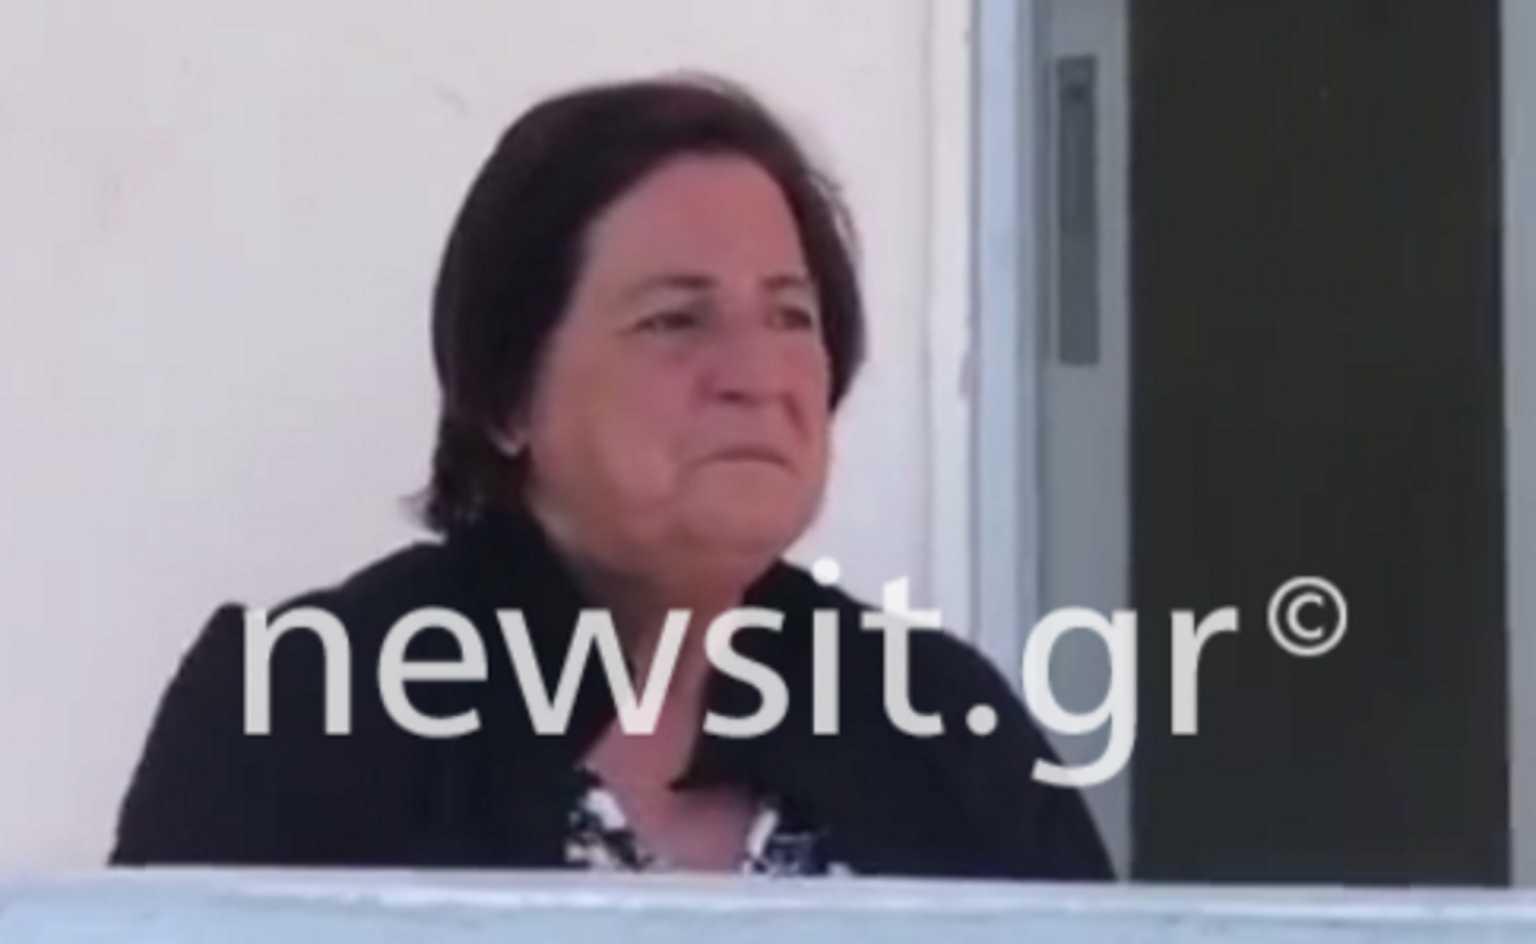 Θεσσαλονίκη: Σοκαρισμένη η γιαγιά του βρέφους που σκοτώθηκε στον βόθρο – Εδώ το είχαμε το μωρό μας